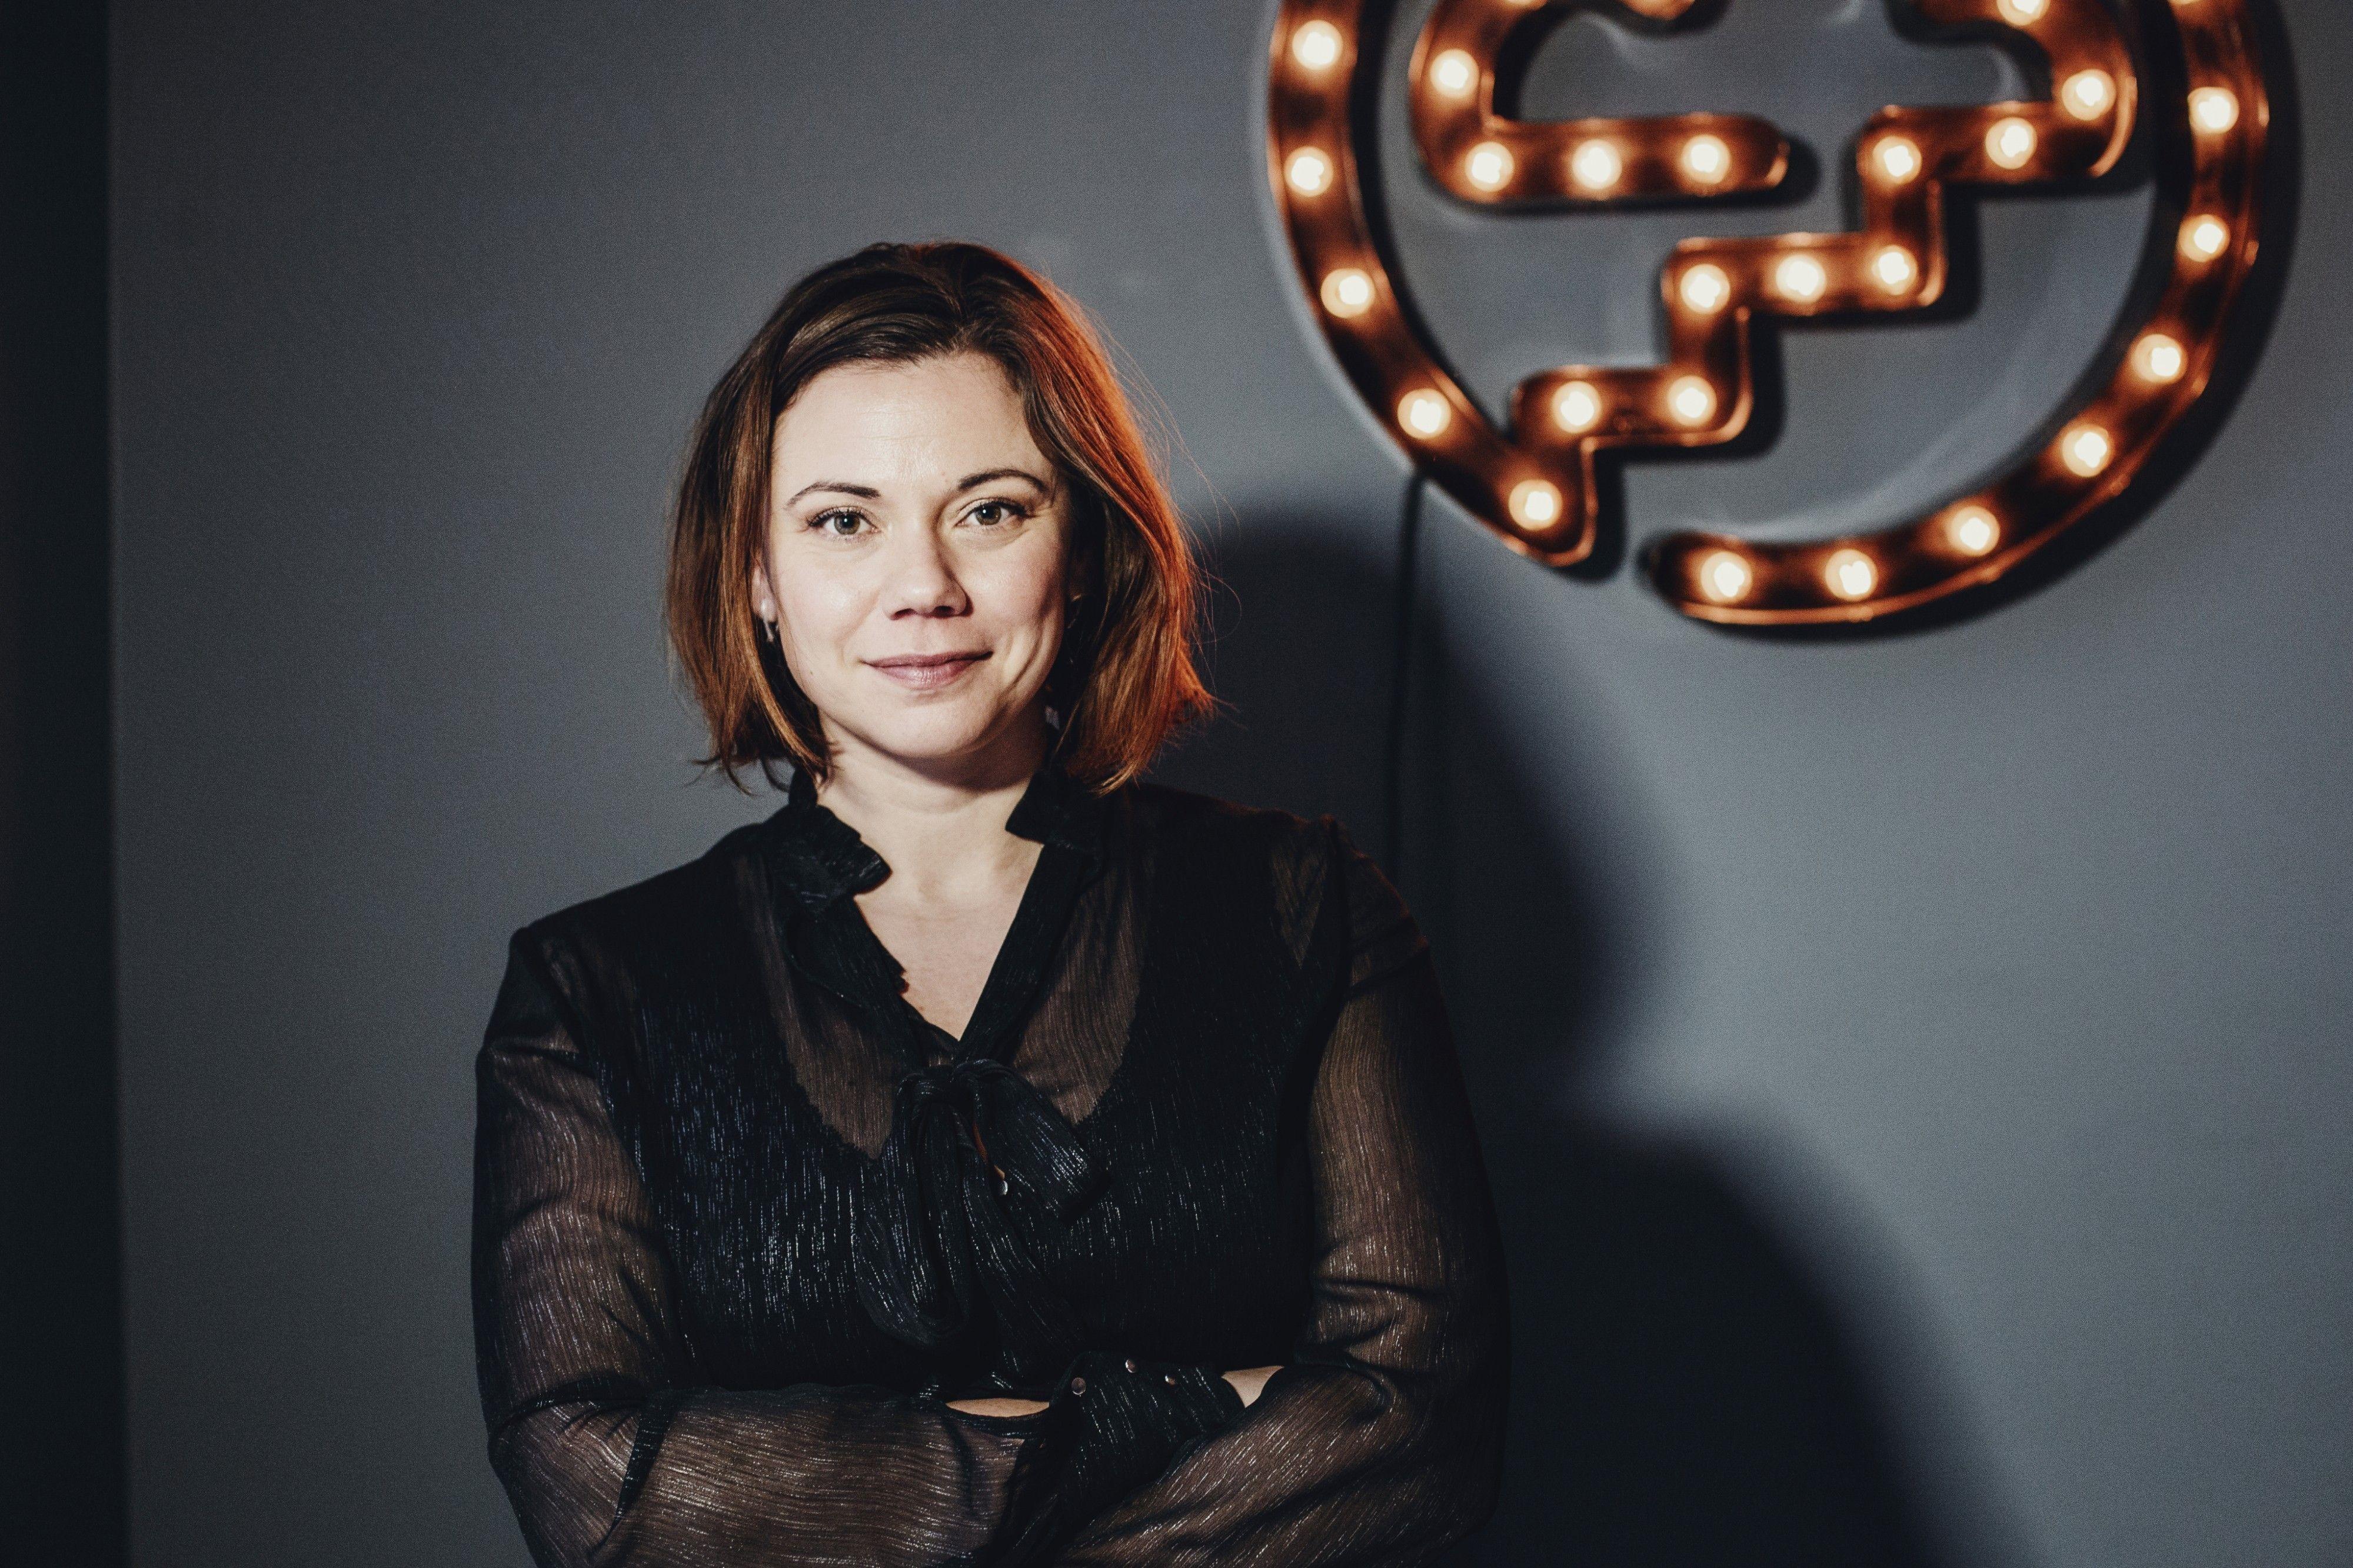 SMARTE TIPS: Stina Söderqvist har doktorgrad i kognitiv nevrovitenskap og vært med å utvikler Dreams nye funksjon - Dreams Gjeldfri. Funksjonen bruker forskning for å hjelpe deg med å bli kvitt forbrukslån og kredittkortgjeld raskt.